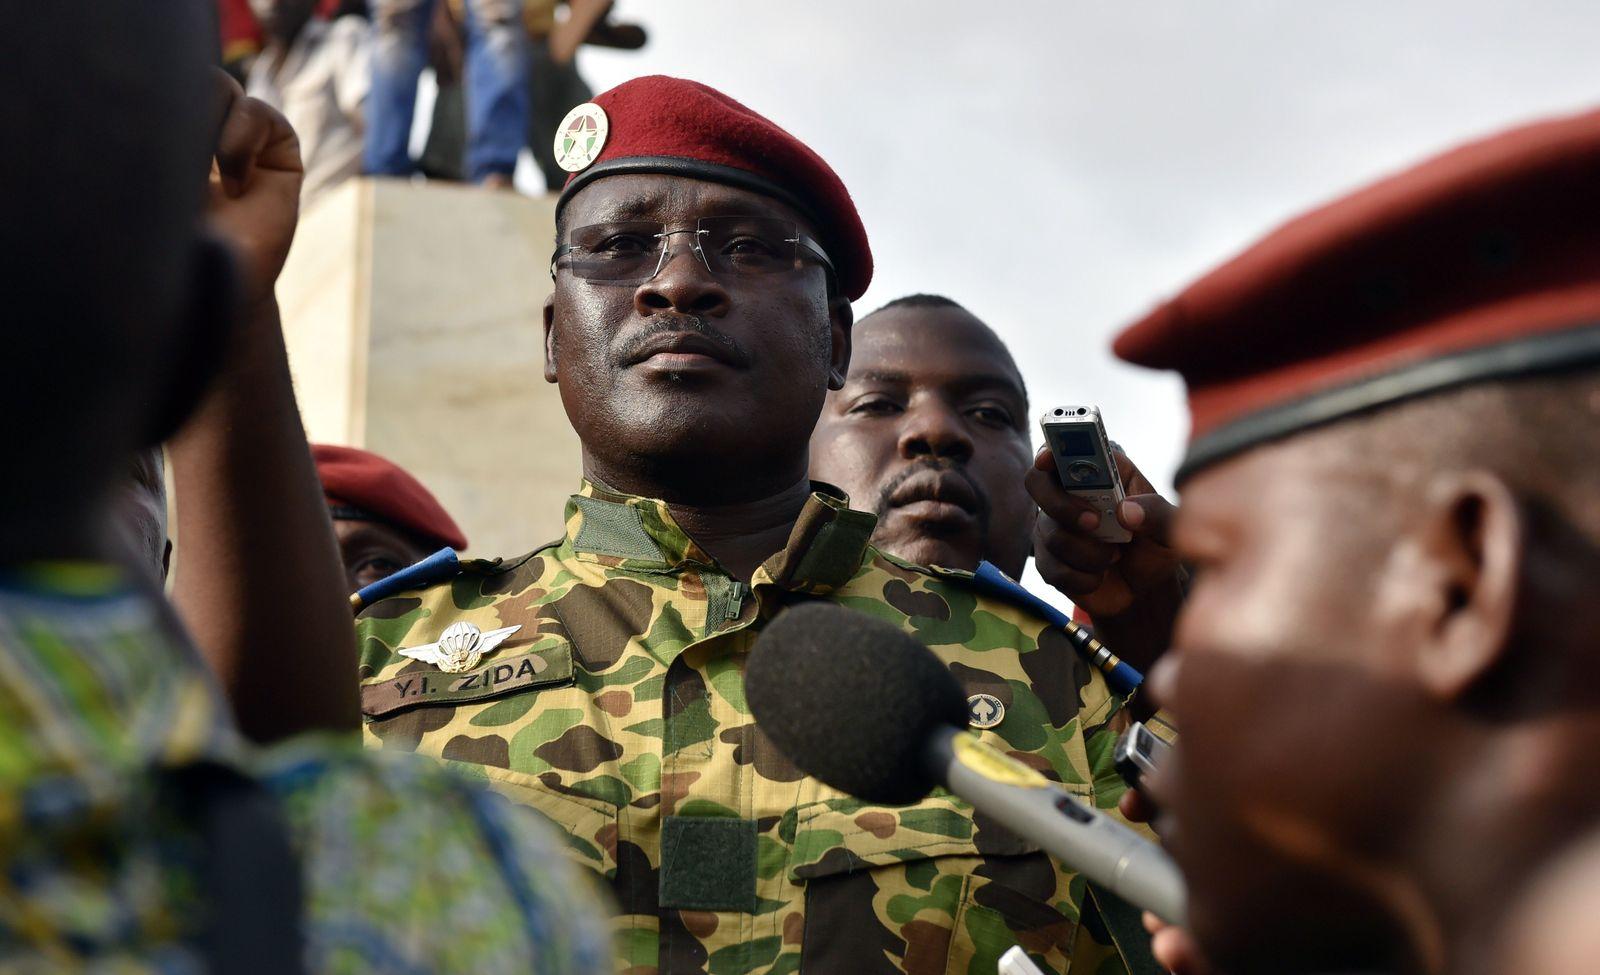 Burkina Faso / Issaac Zida